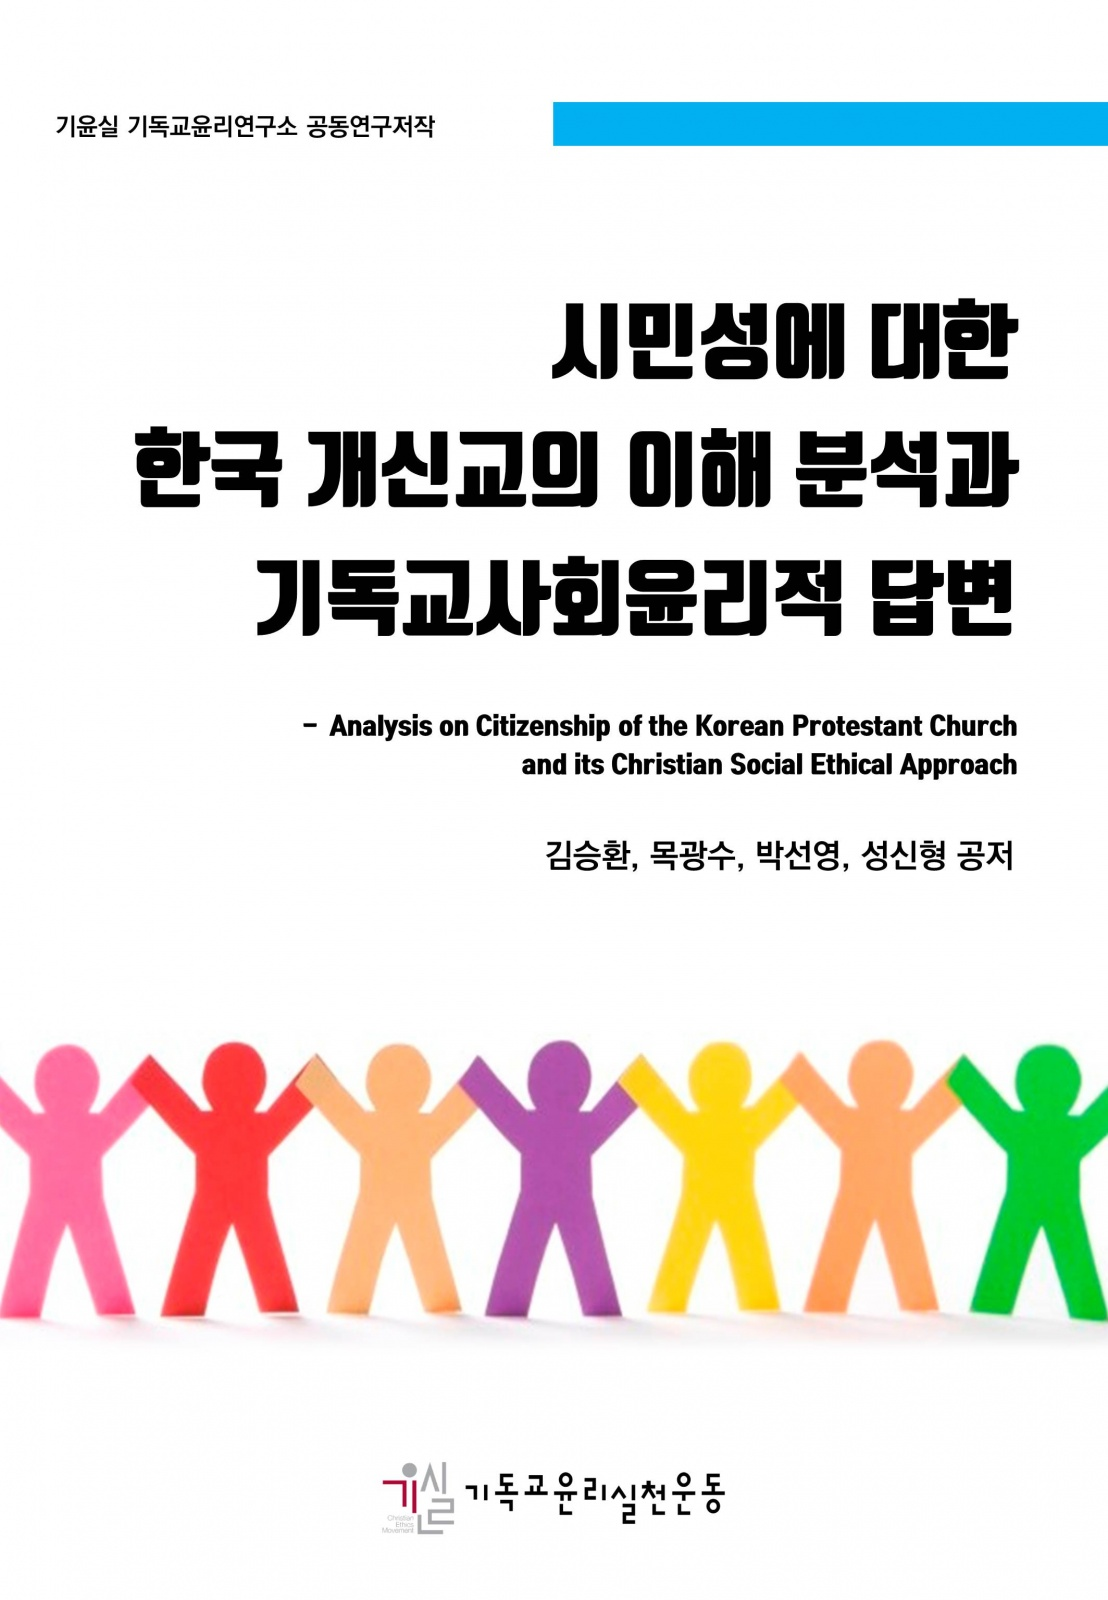 시민성에 대한 한국 개신교의 이해 분석과 기독교사회윤리적 답변;